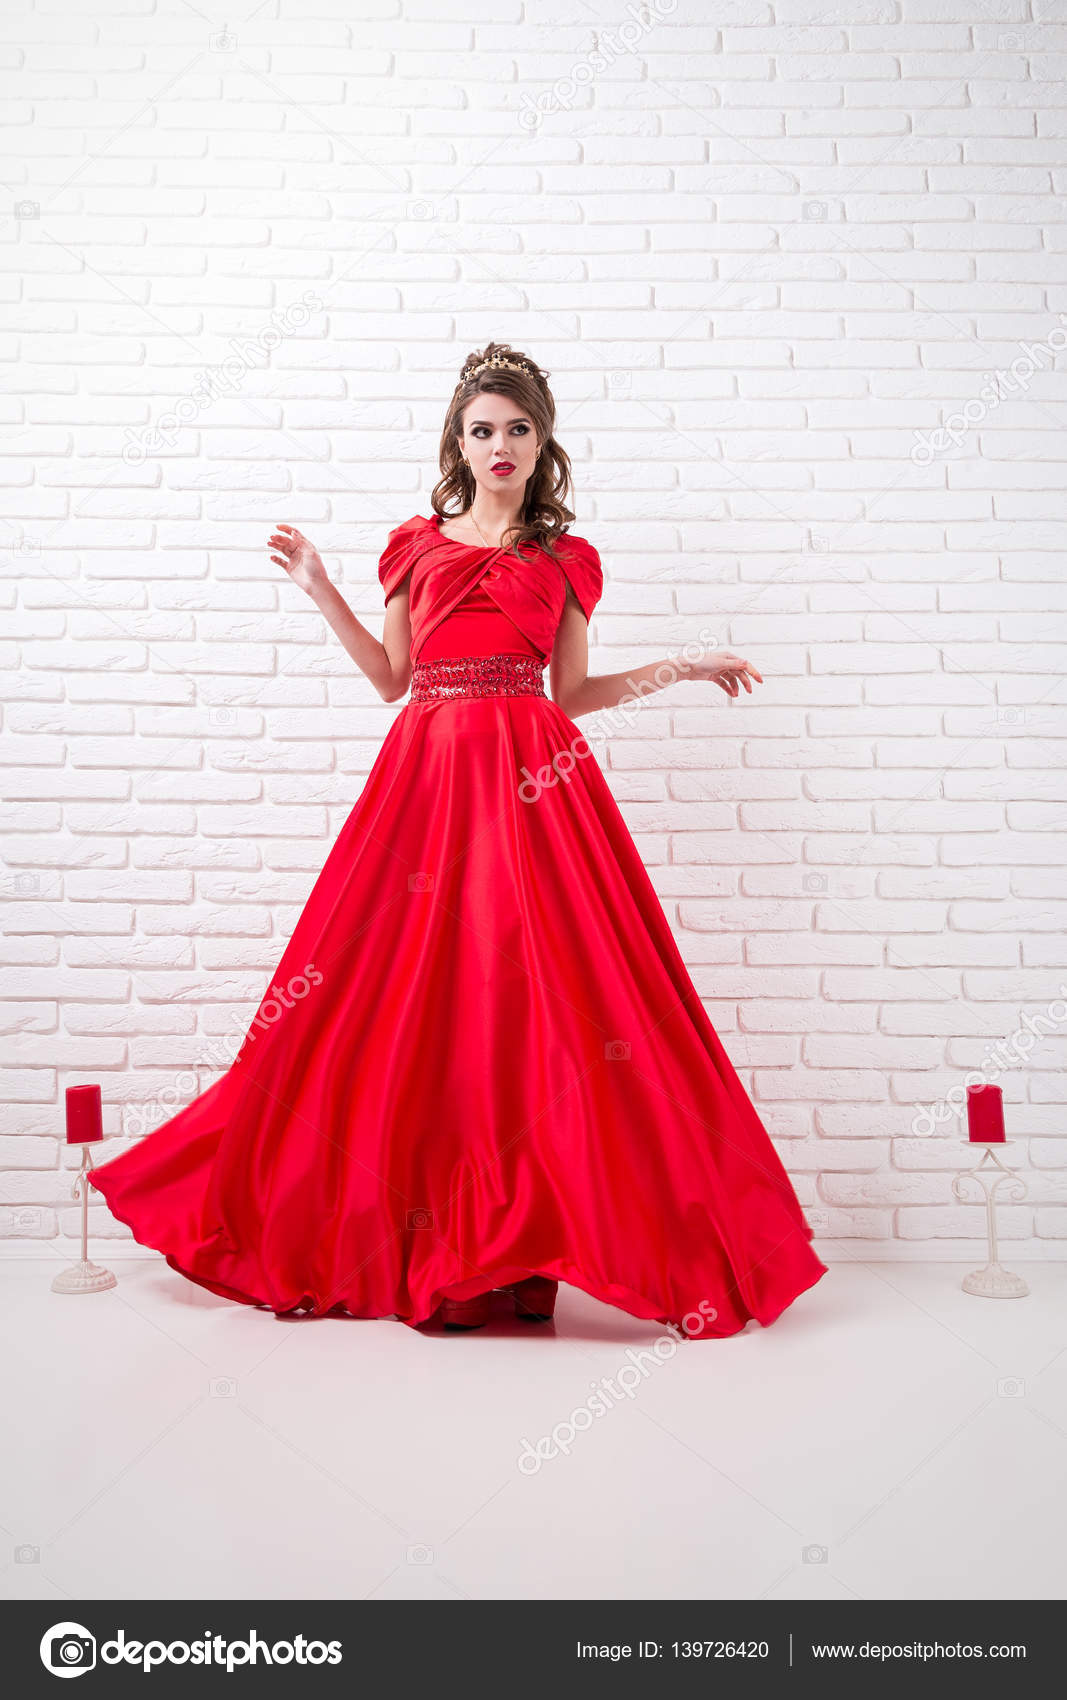 9fcfab4457f8 Donna elegante in un vestito rosso lungo sta levandosi in piedi in una  stanza bianca